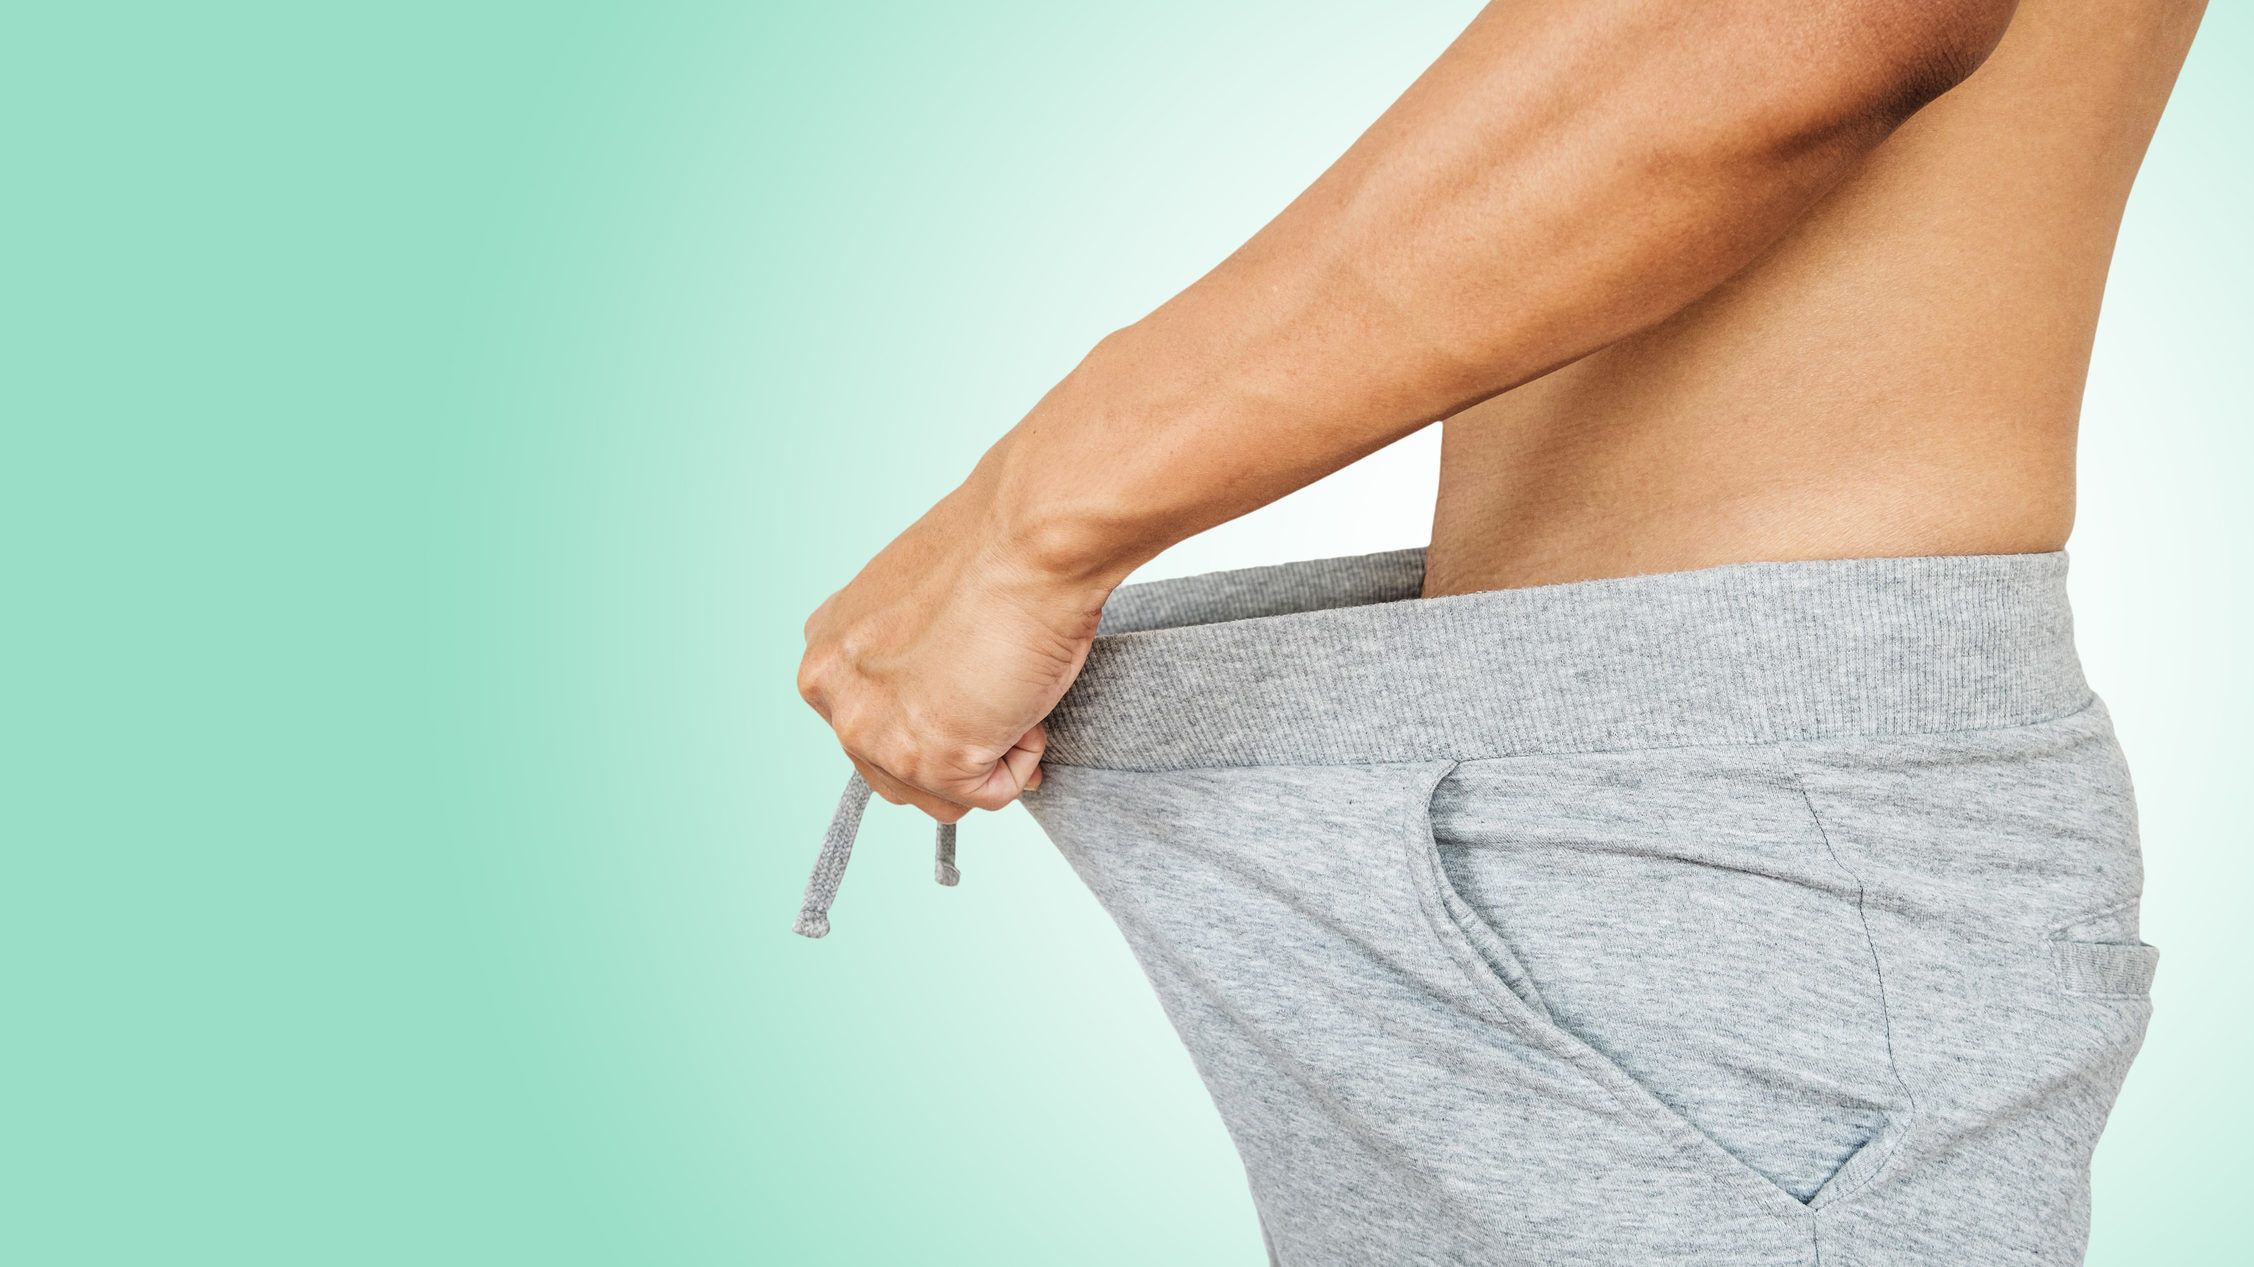 reggeli merevedési zavar lassú erekciós okok és kezelés